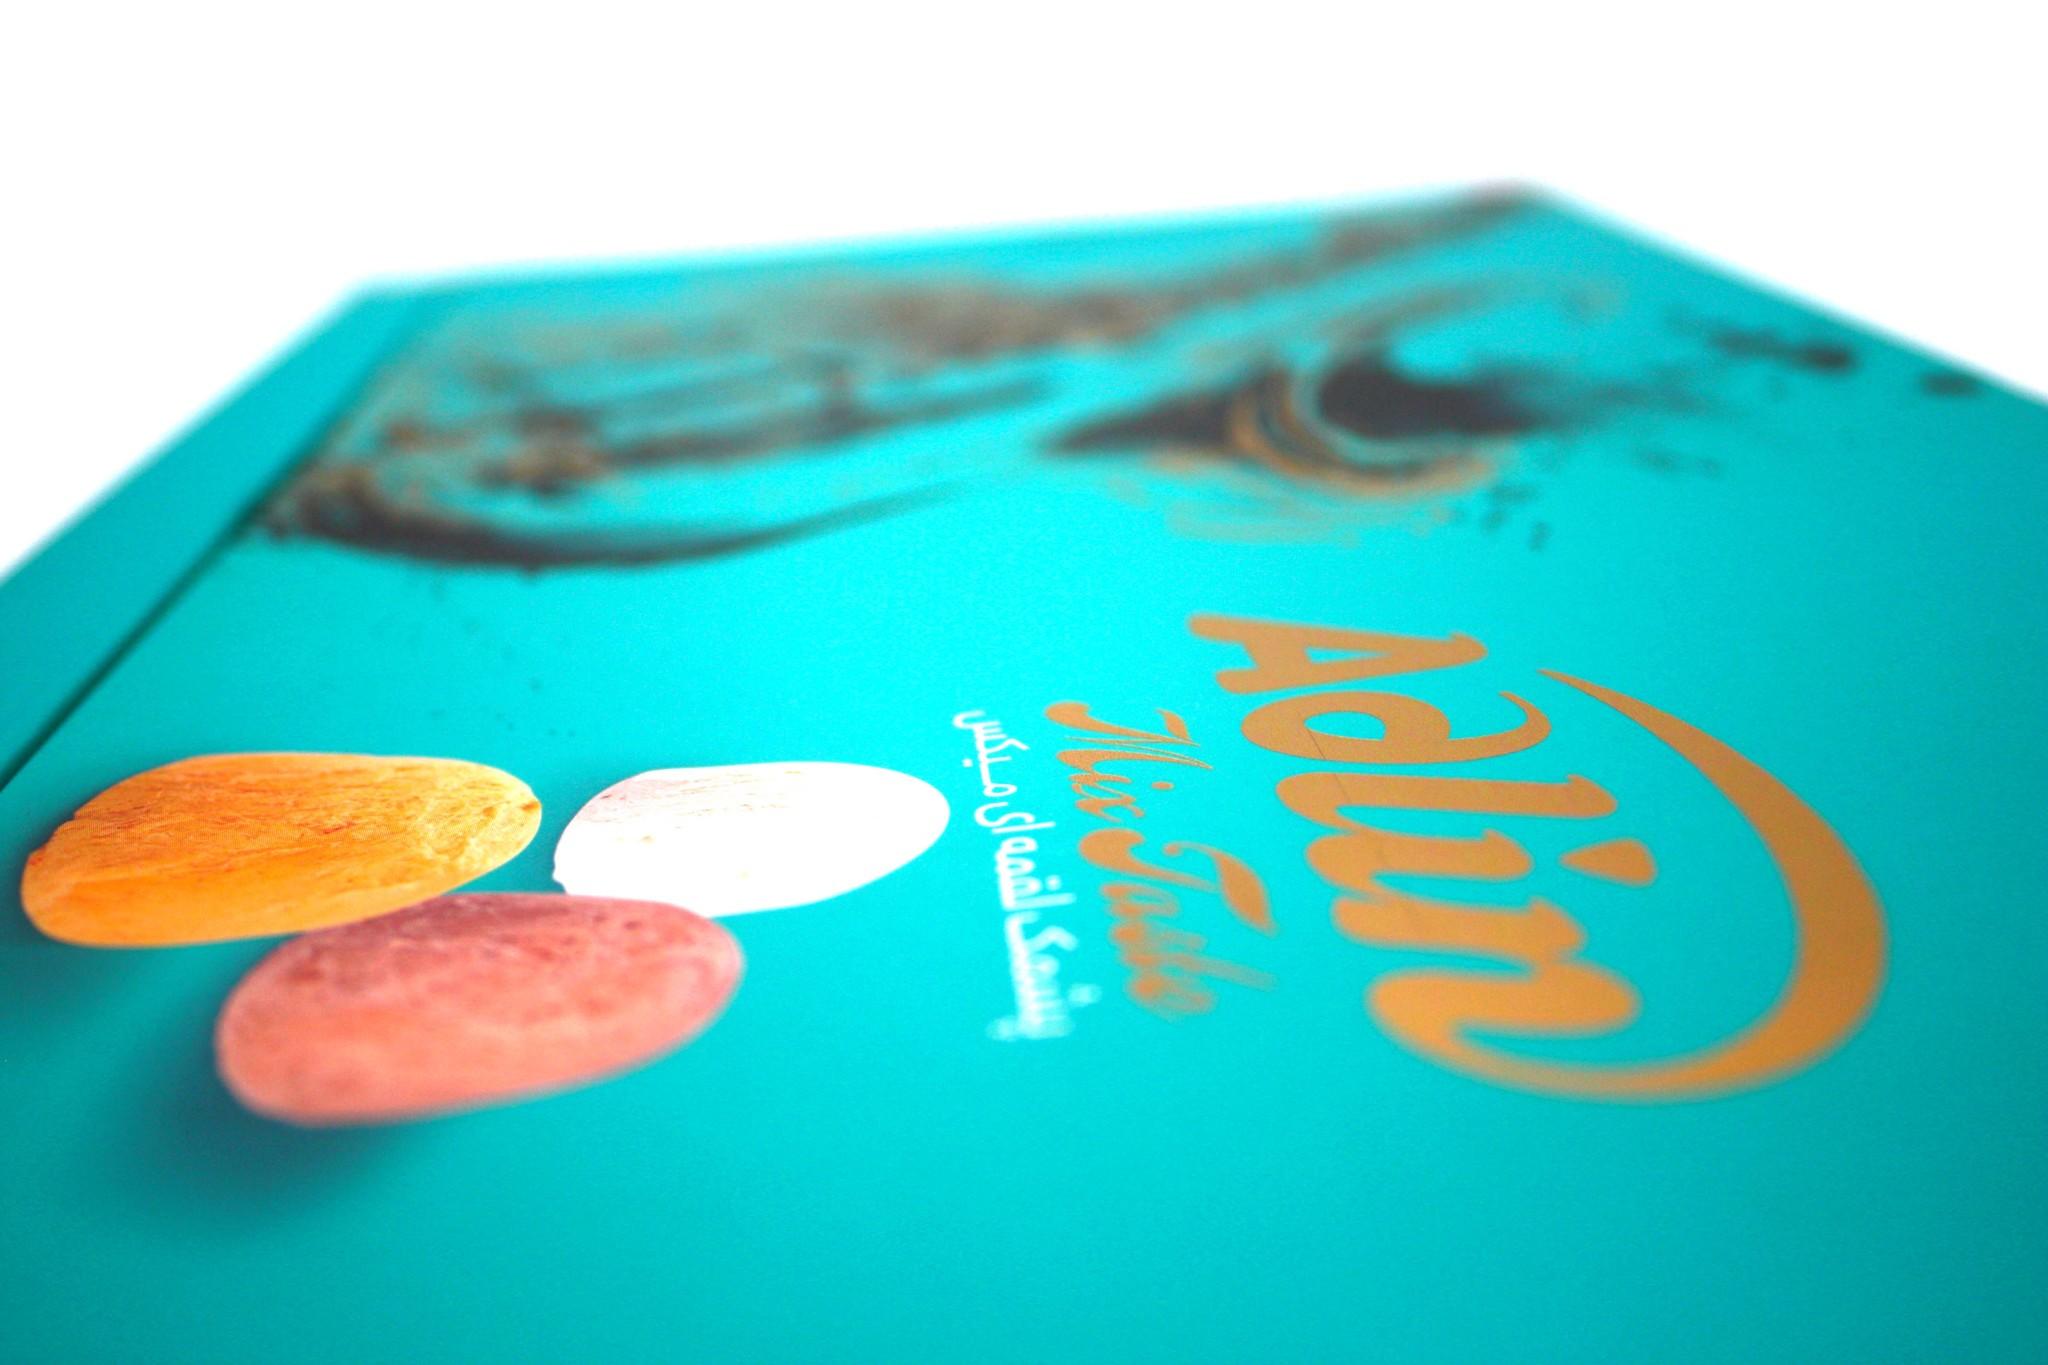 Adlin Царская пишмание со вкусом какао, ванили и шафрана в подарочной упаковке, Adlin, 350 г import_files_aa_aa4fcf3ec3da11e9a9b3484d7ecee297_aa4fcf40c3da11e9a9b3484d7ecee297.jpg